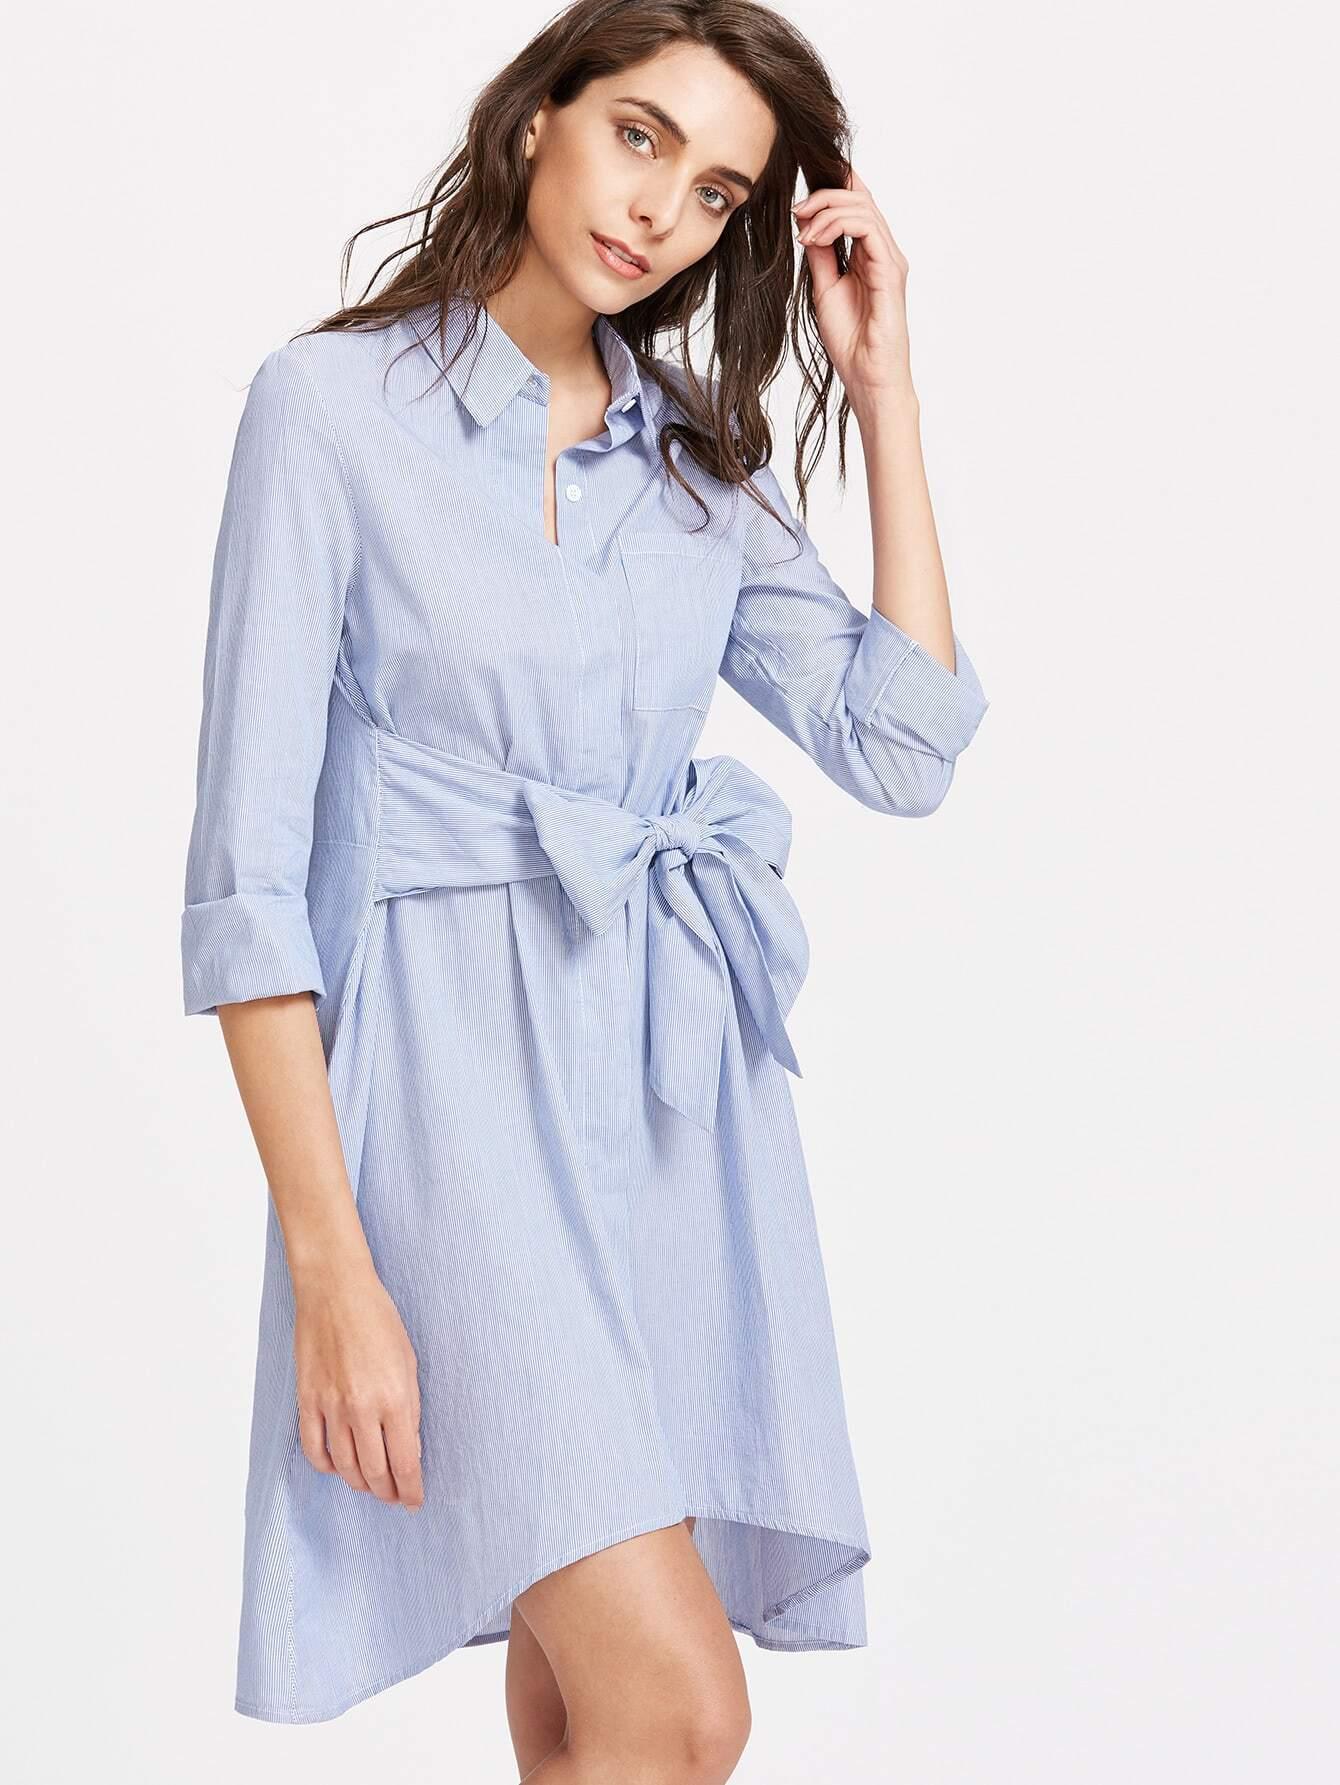 dress170306201_2